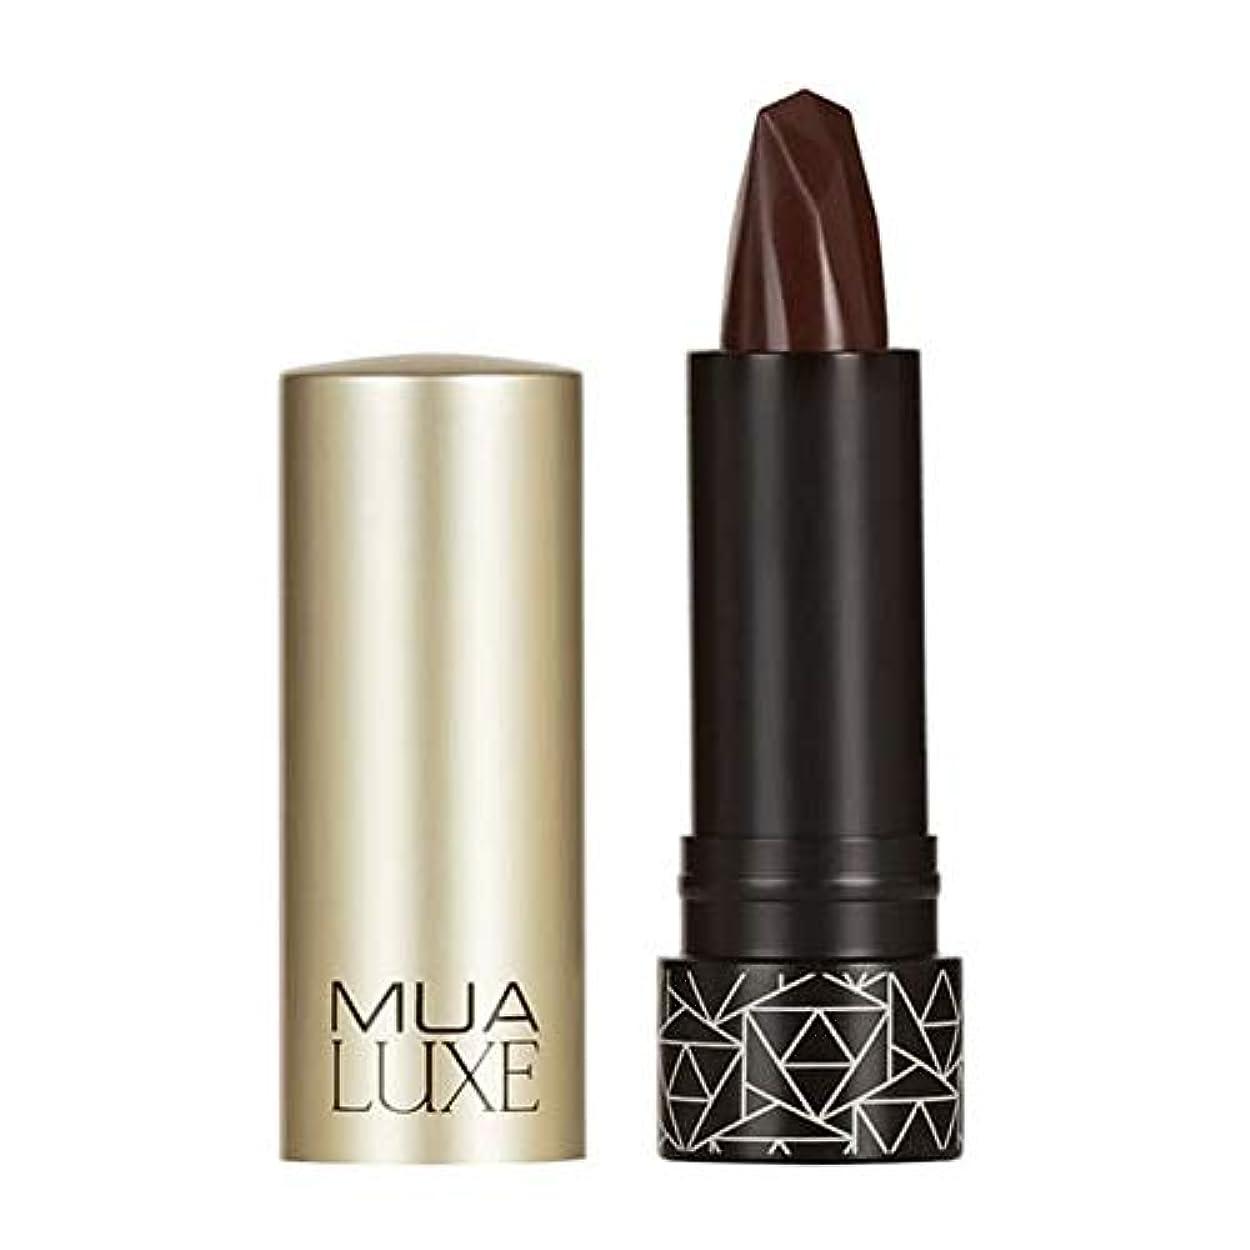 騒特派員乳[MUA] Muaラックスベルベットマットリップスティック#1 - MUA Luxe Velvet Matte Lipstick #1 [並行輸入品]